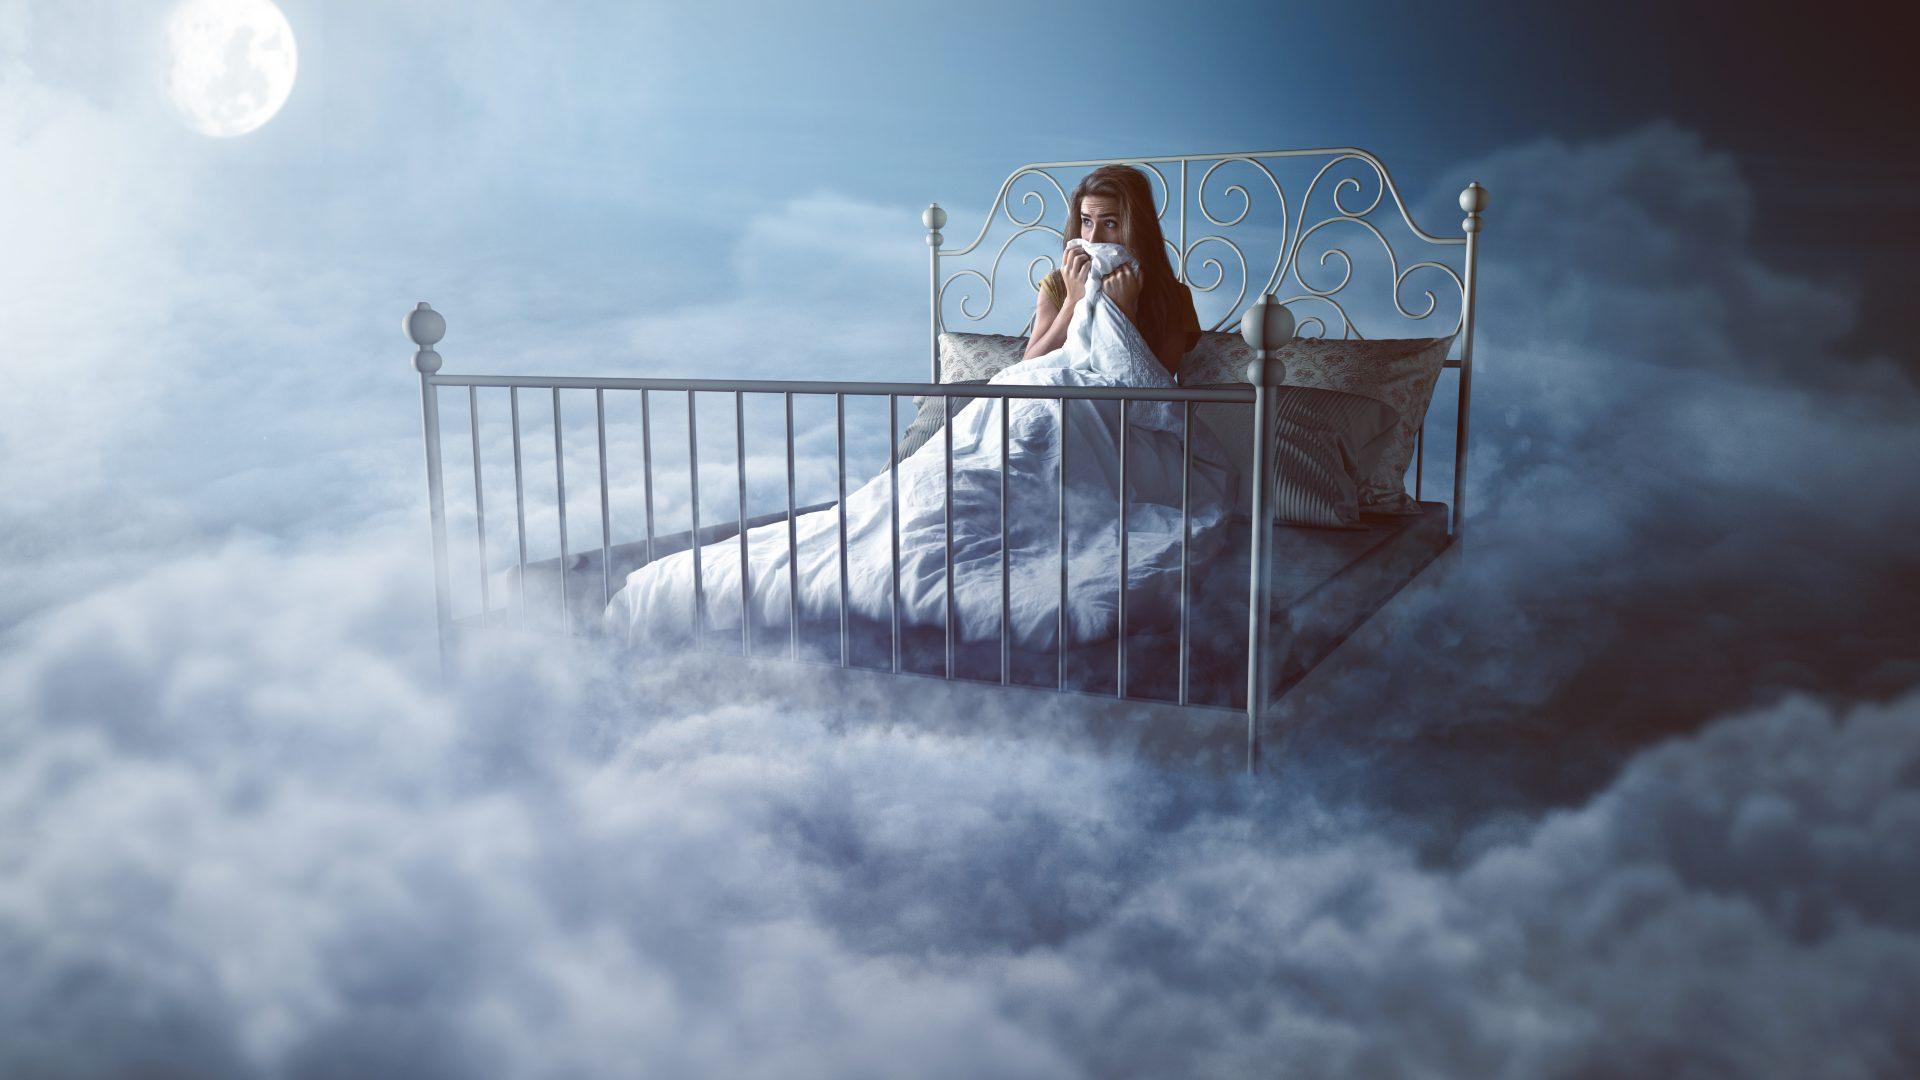 Сновидения неподконтрольны